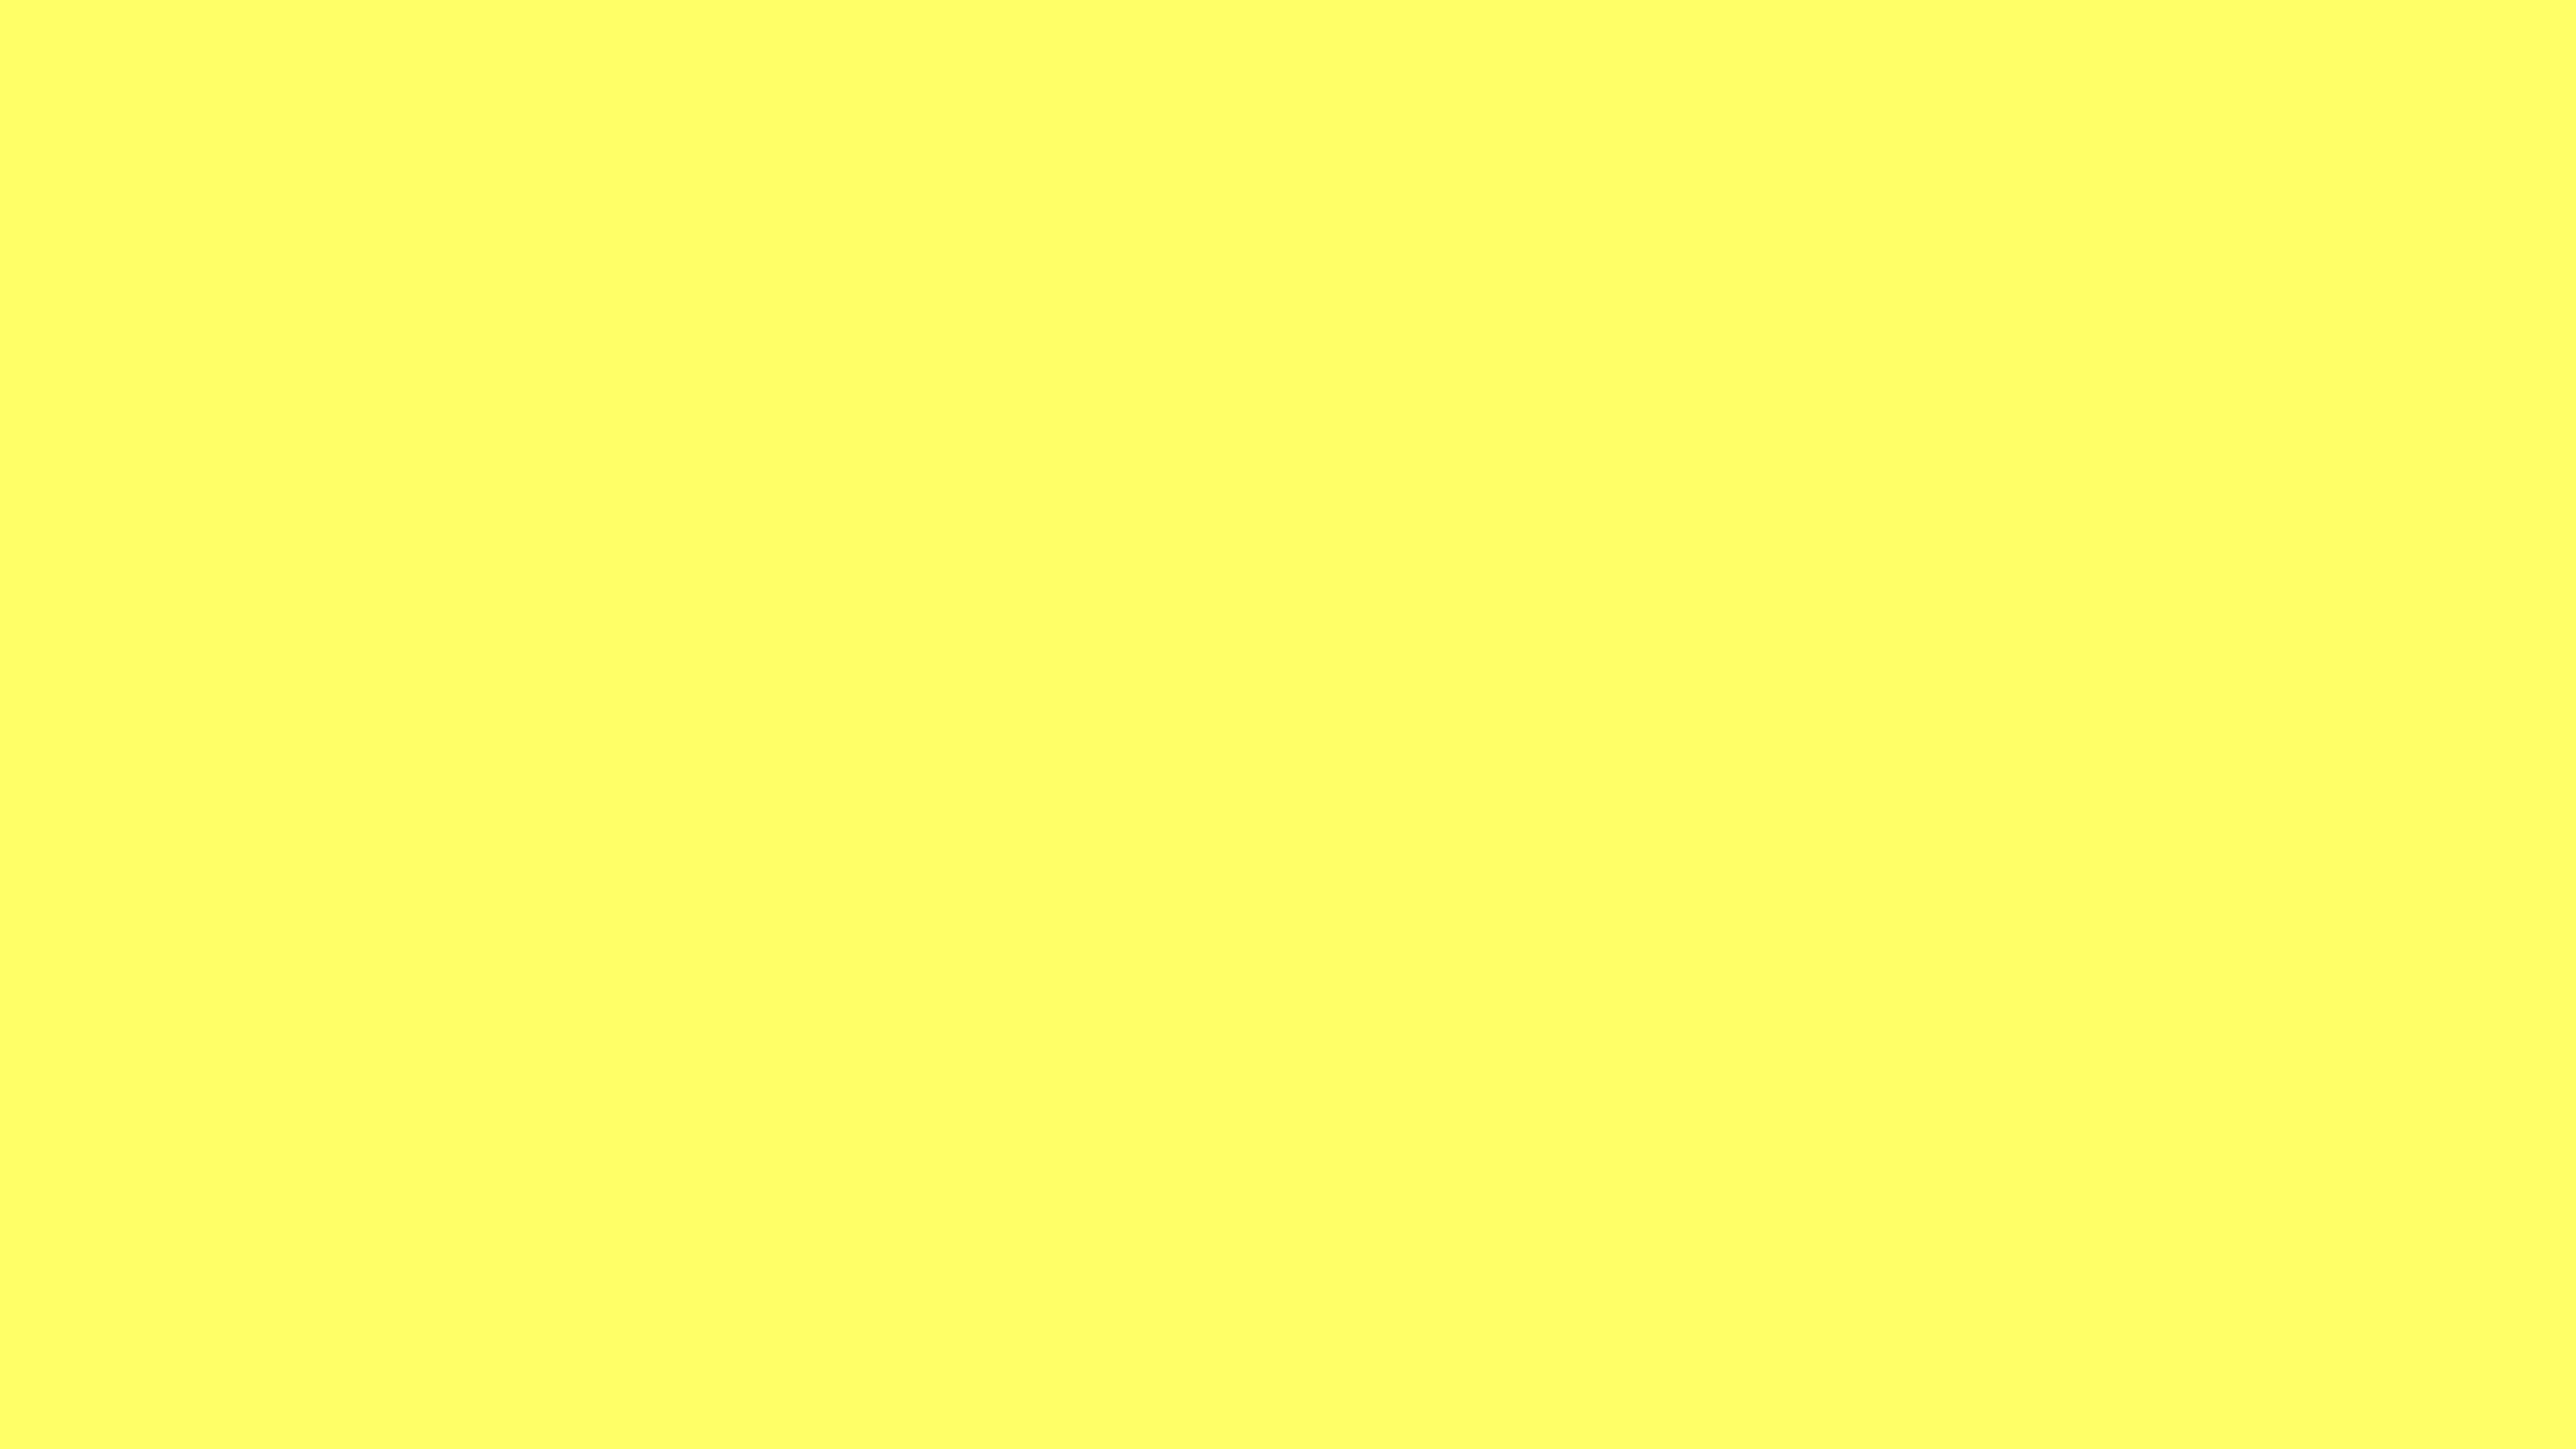 3840x2160 Laser Lemon Solid Color Background